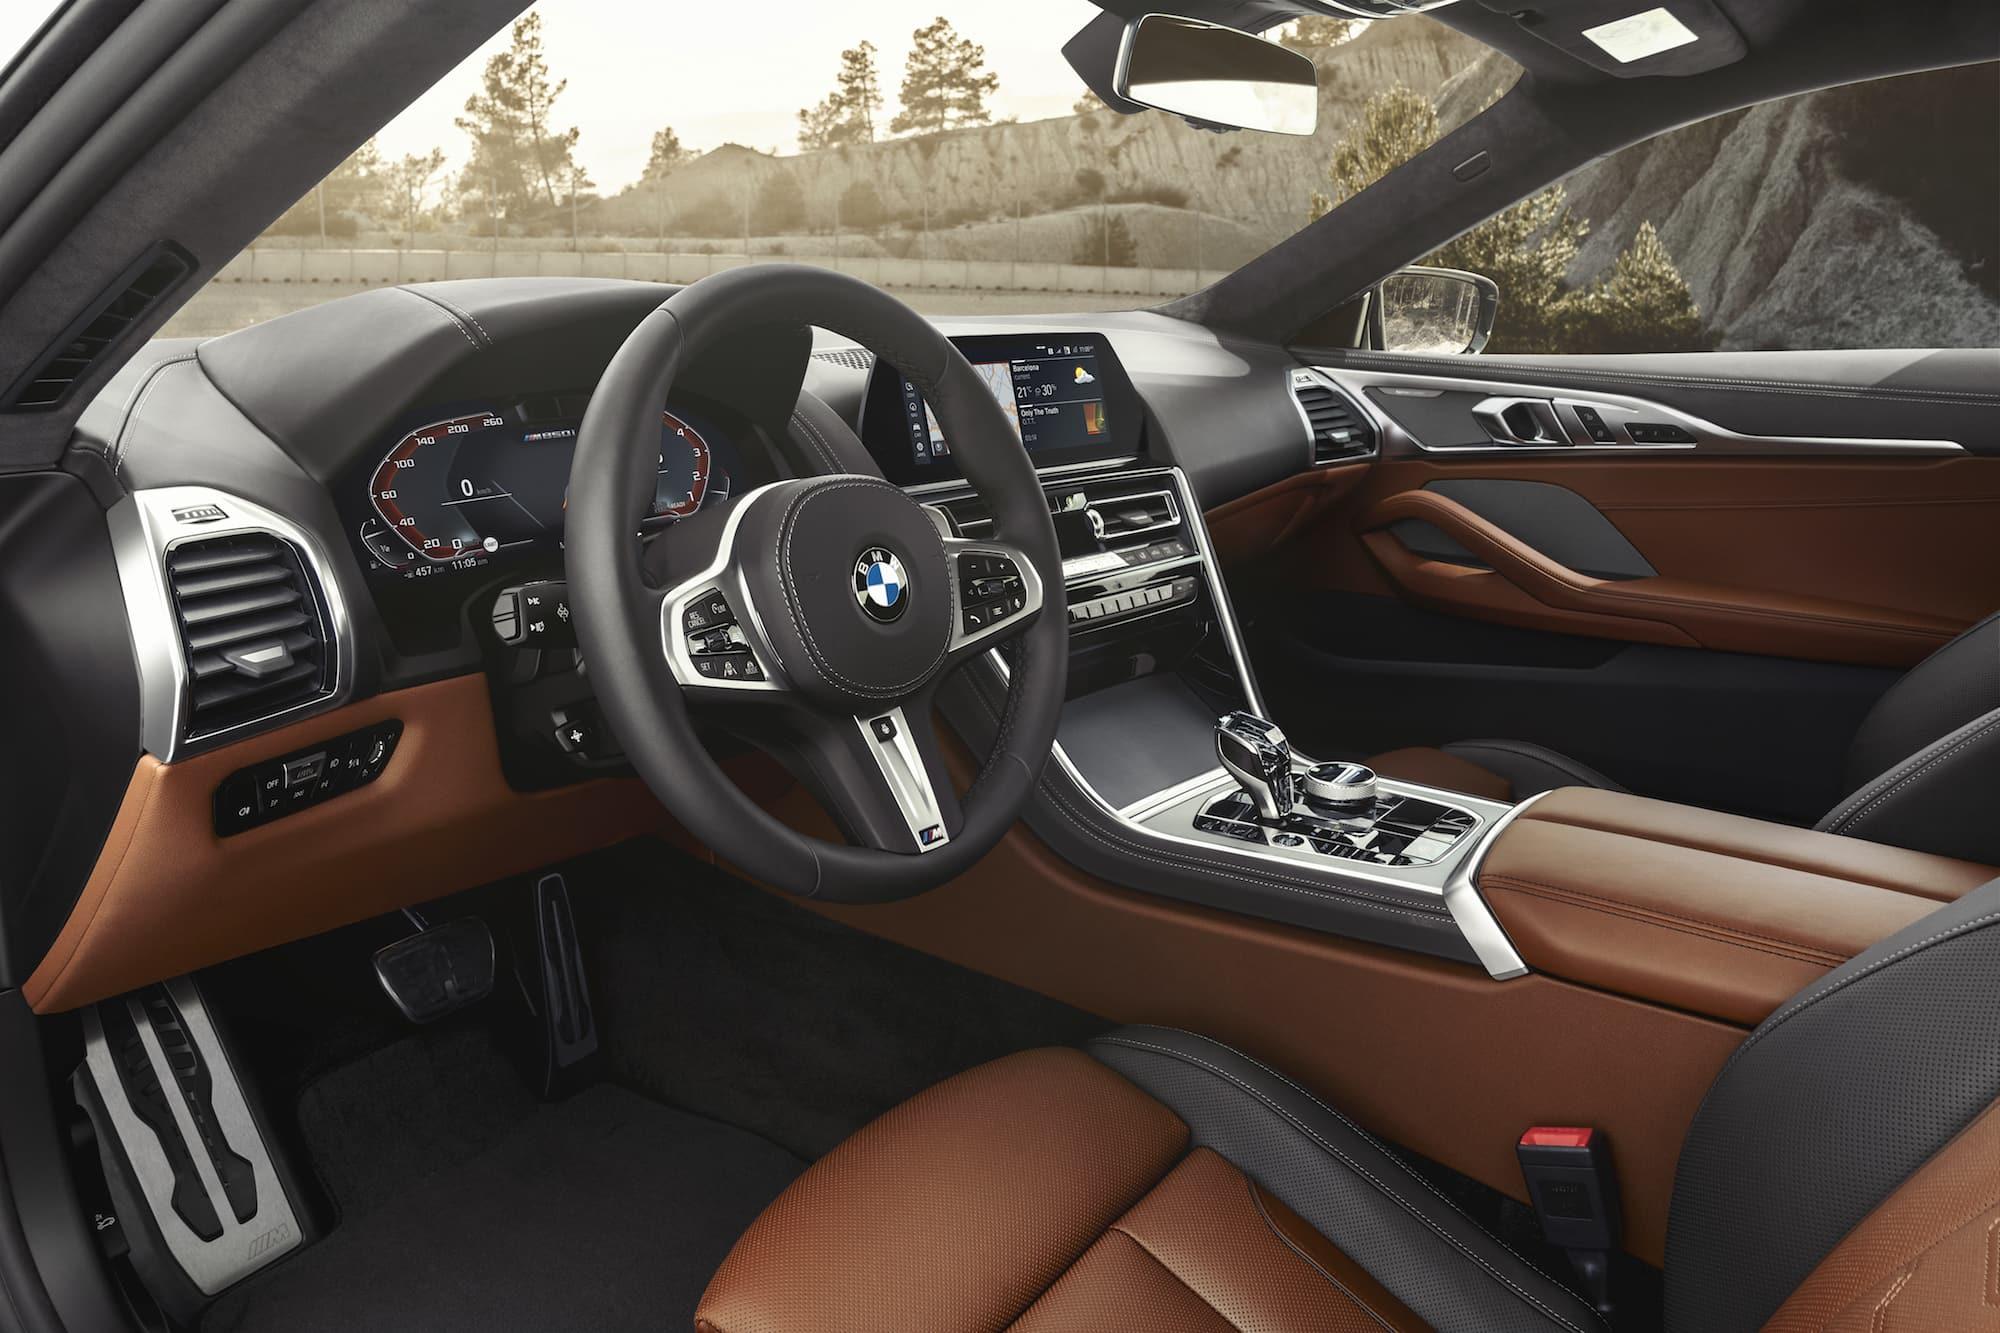 BMW belebt 8er Serie wieder: Das ist der neue BMW M850i xDrive 8